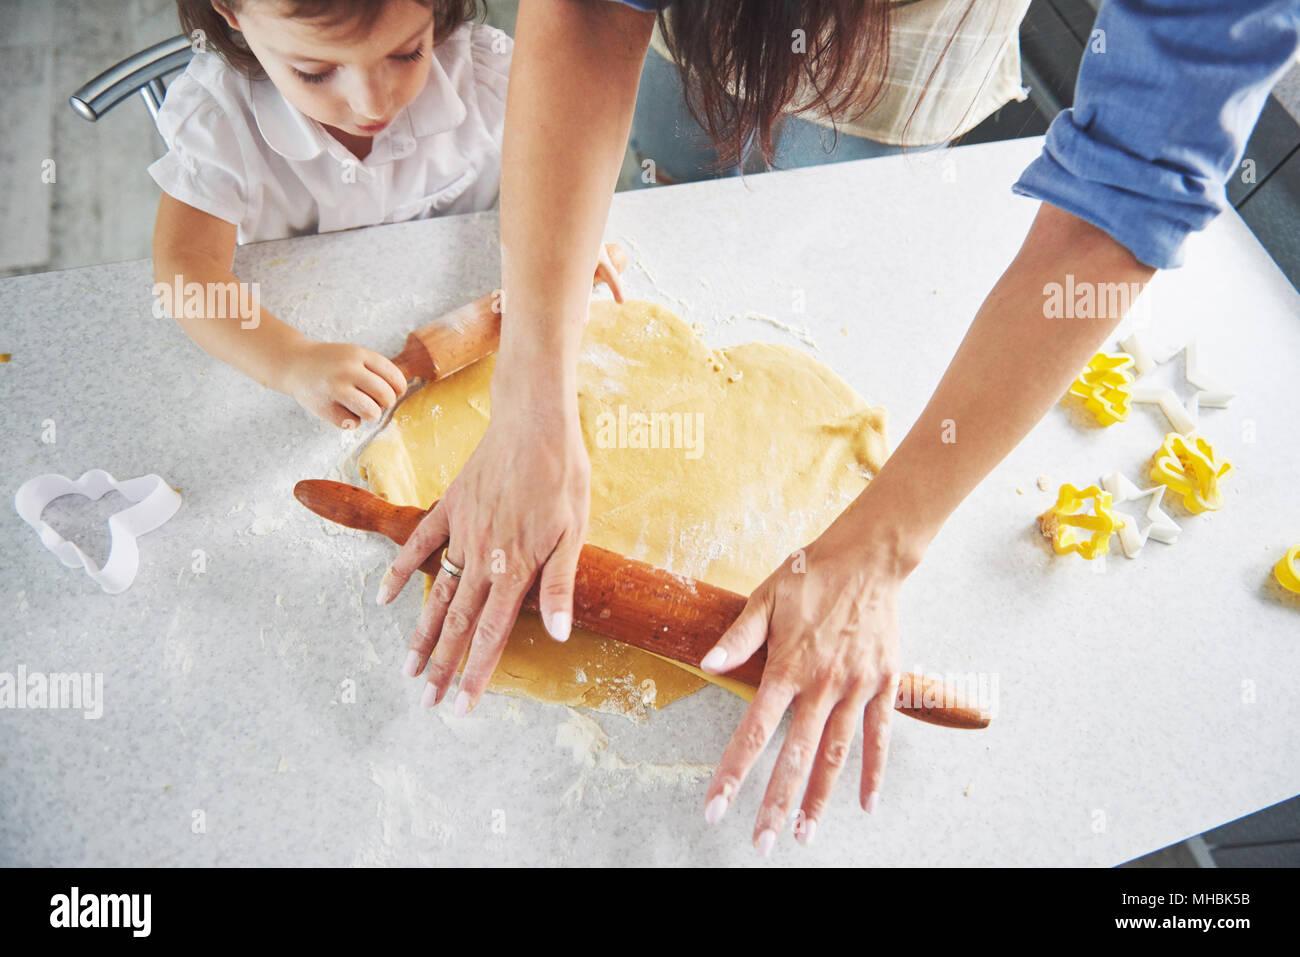 Happy Family holiday préparation food concept. La cuisine de la famille des biscuits de Noël. Mains de mère et fille préparer la pâte sur la table. Famille heureuse de faire des cookies à la maison Photo Stock